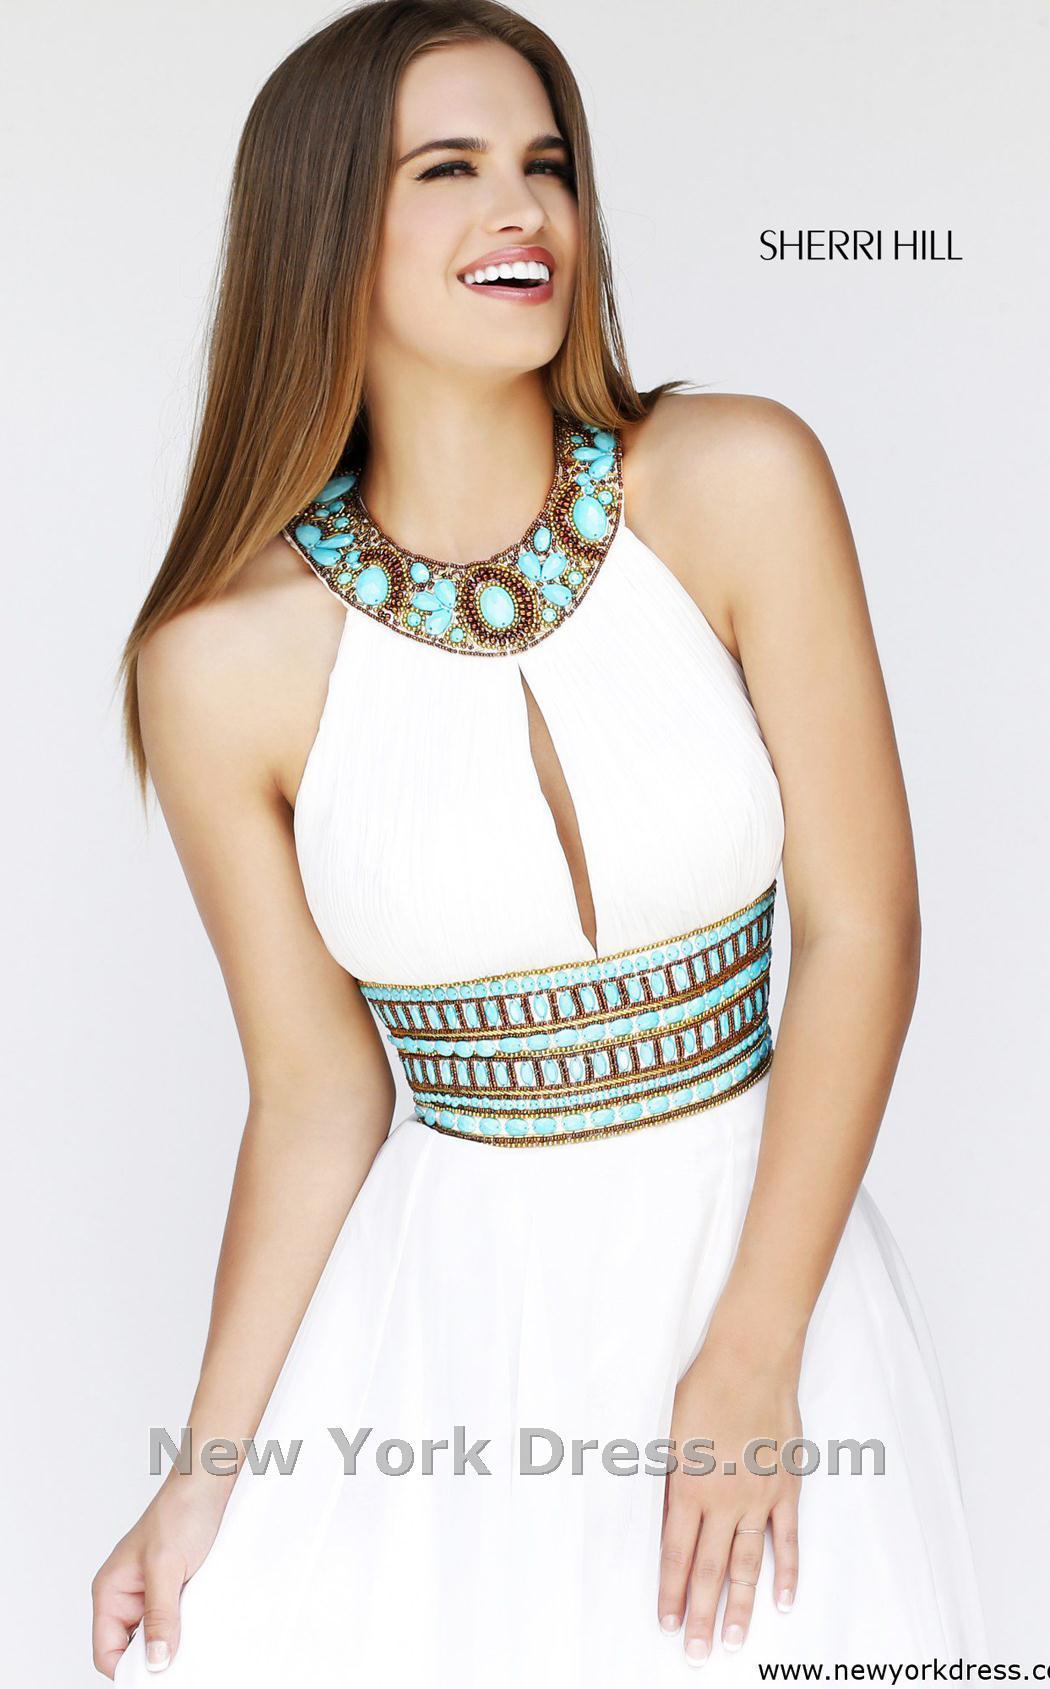 Sherri hill 11086 dress